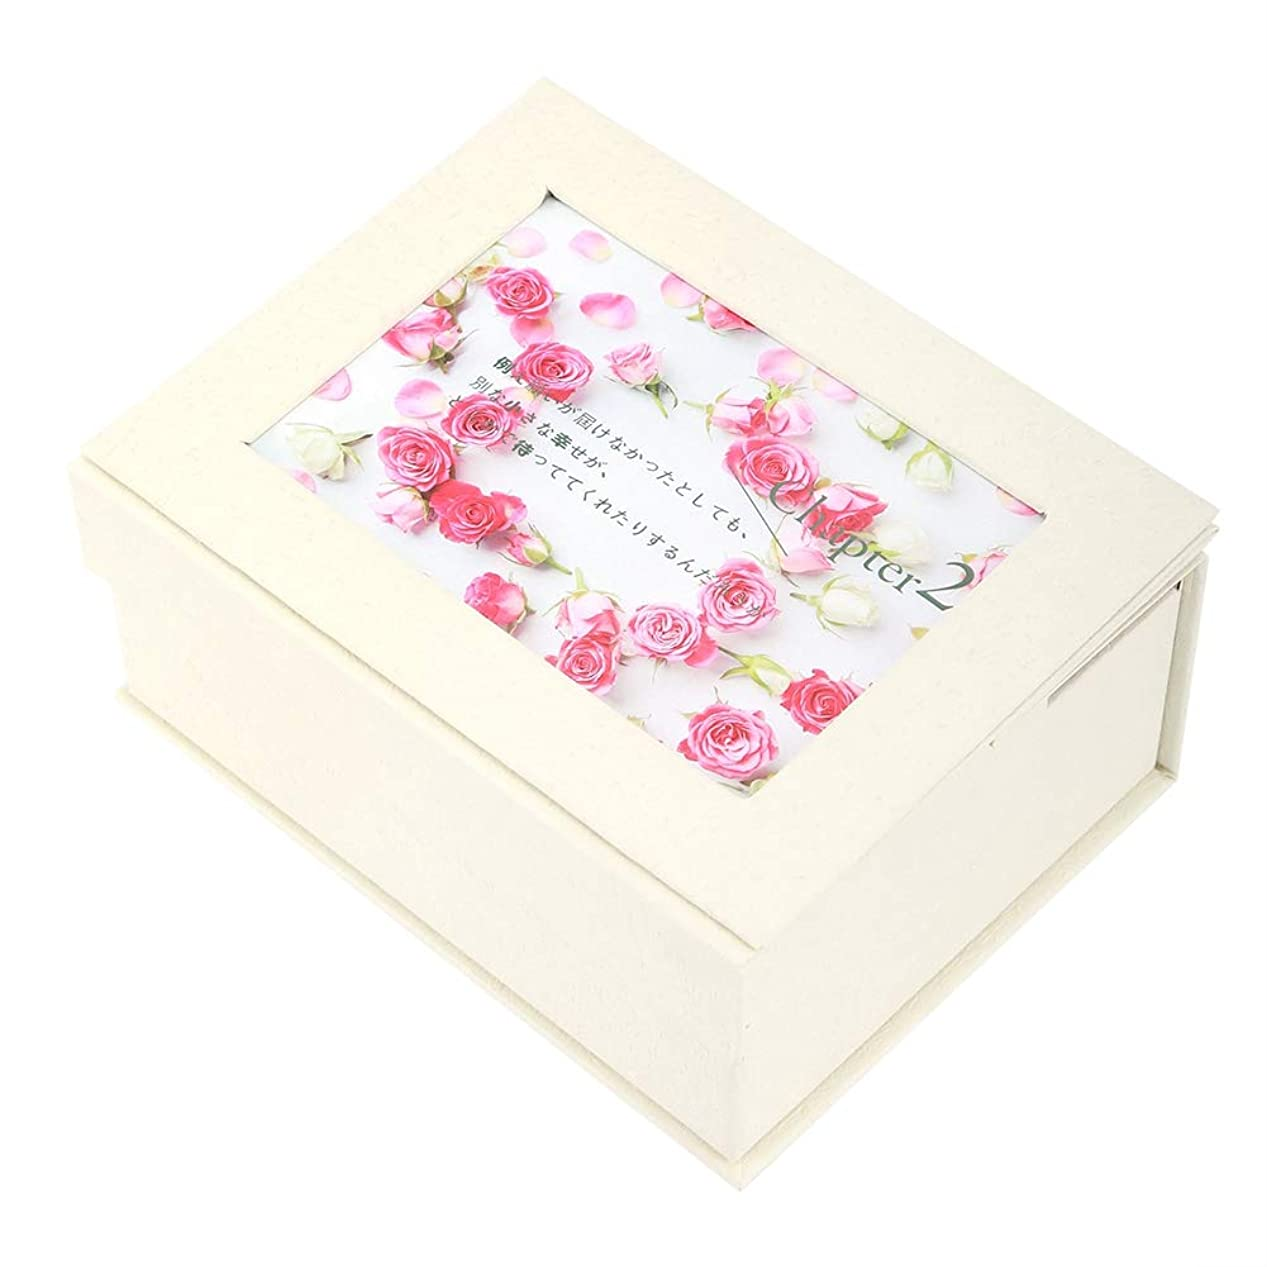 アルミニウム着実に対称石鹸の花のギフト用の箱、石鹸の花のギフト用の箱の女の子のお母さんの誕生日のクリスマスの結婚式のギフトの写真フレームが付いている花の石鹸(#1)